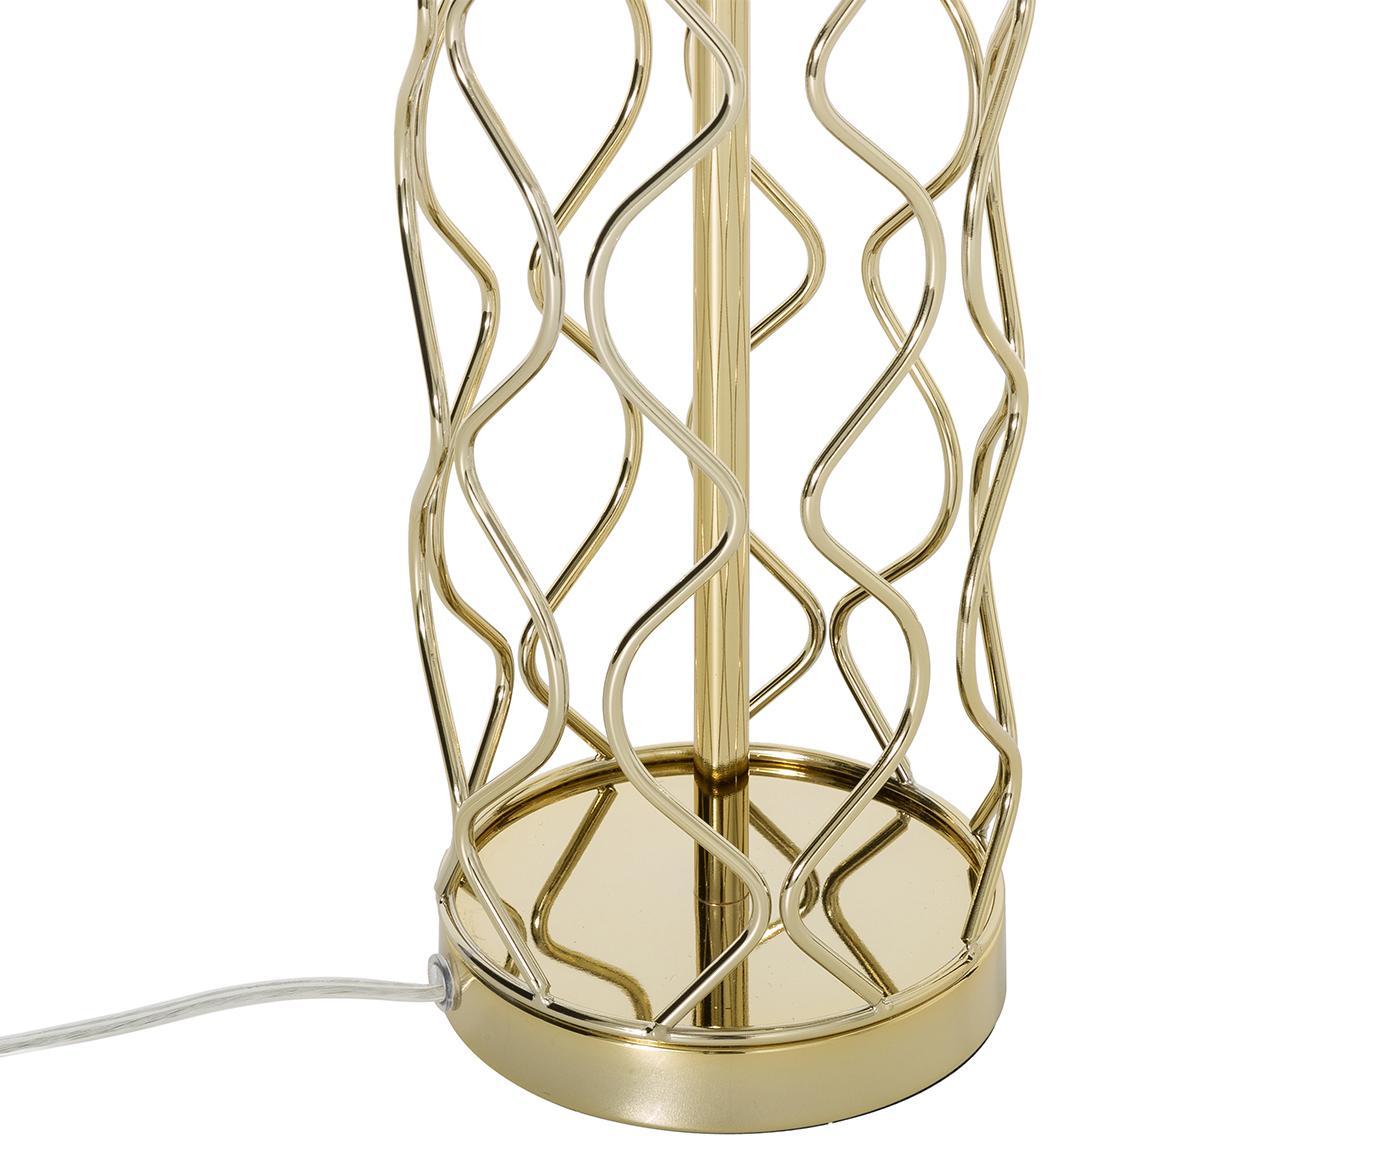 Tischleuchte Adelaide in Weiss-Gold, Lampenschirm: Textil, Lampenschirm: Creme.Lampenfuss: Goldfarben, Ø 35 x H 62 cm